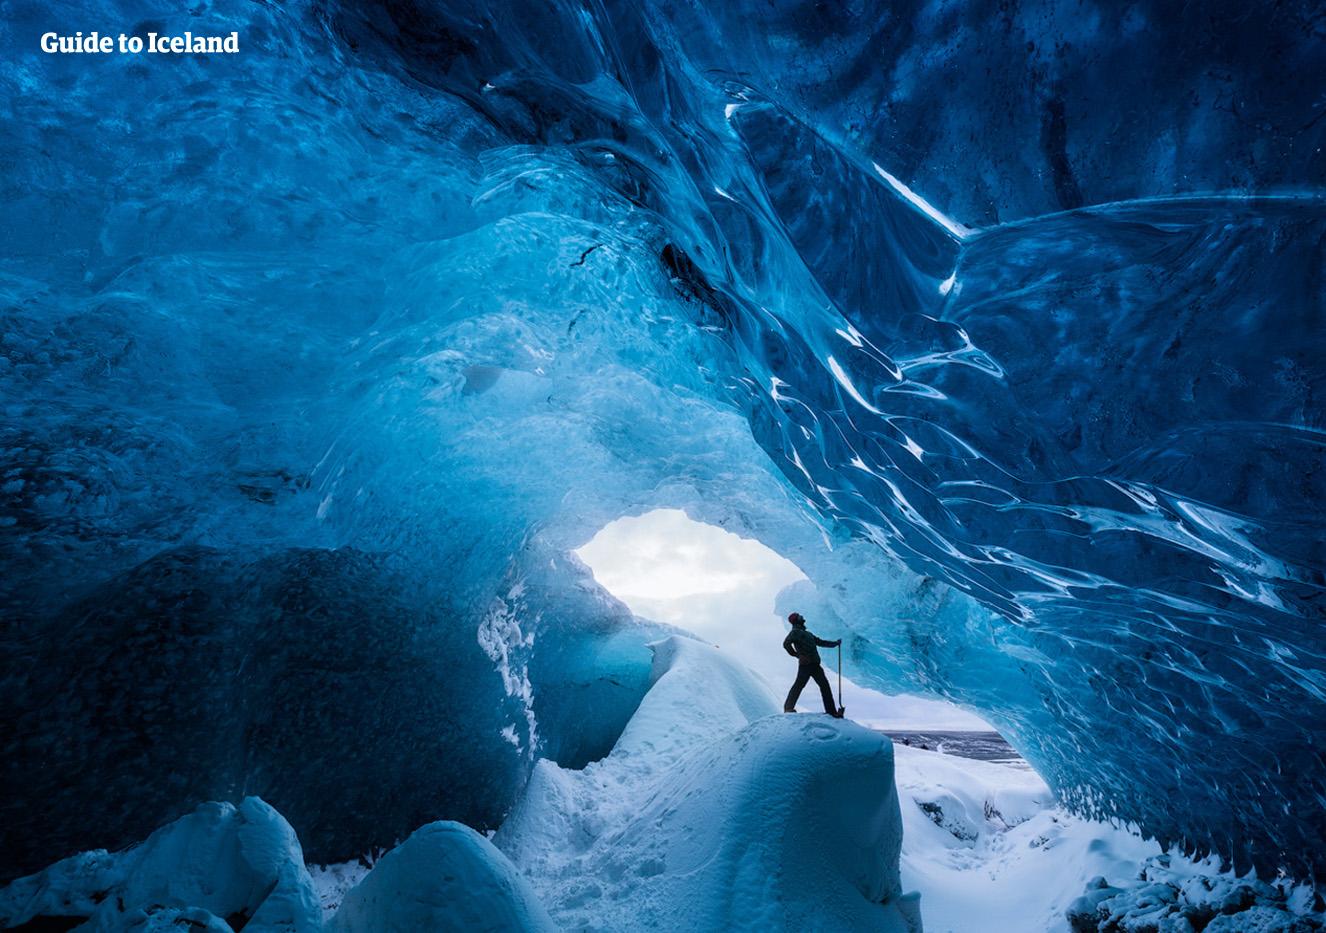 Одно из самых запоминающихся воспоминаний при посещении Исландии - визит в ледяную пещеру.